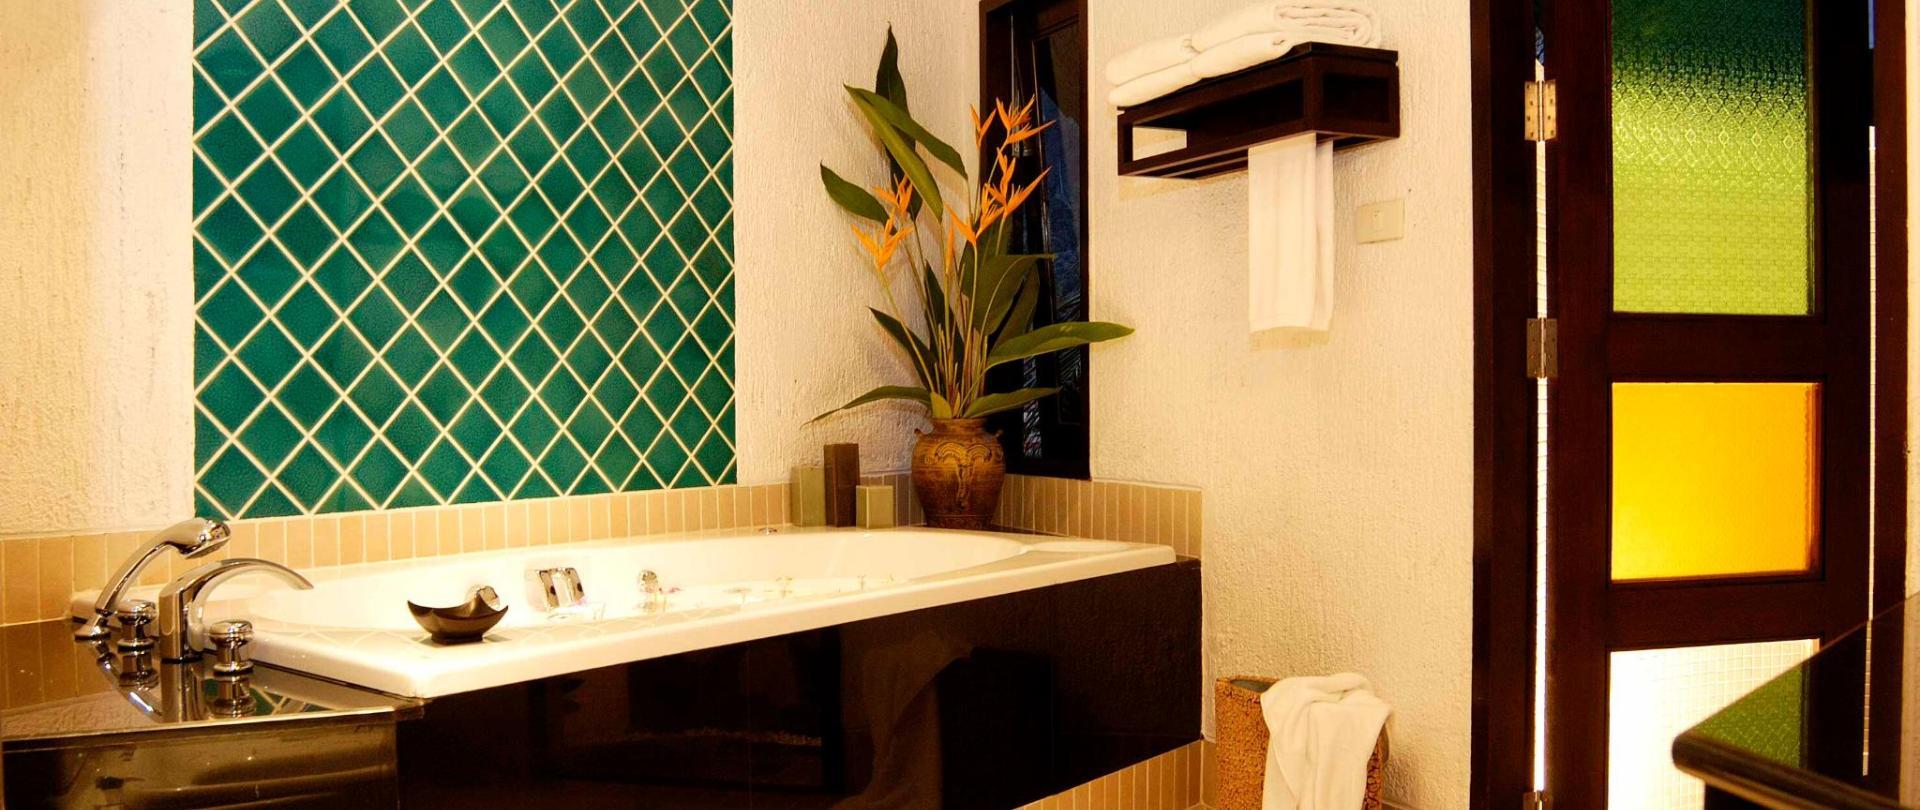 Deluxe Cottage 5 - Bathroom.jpg